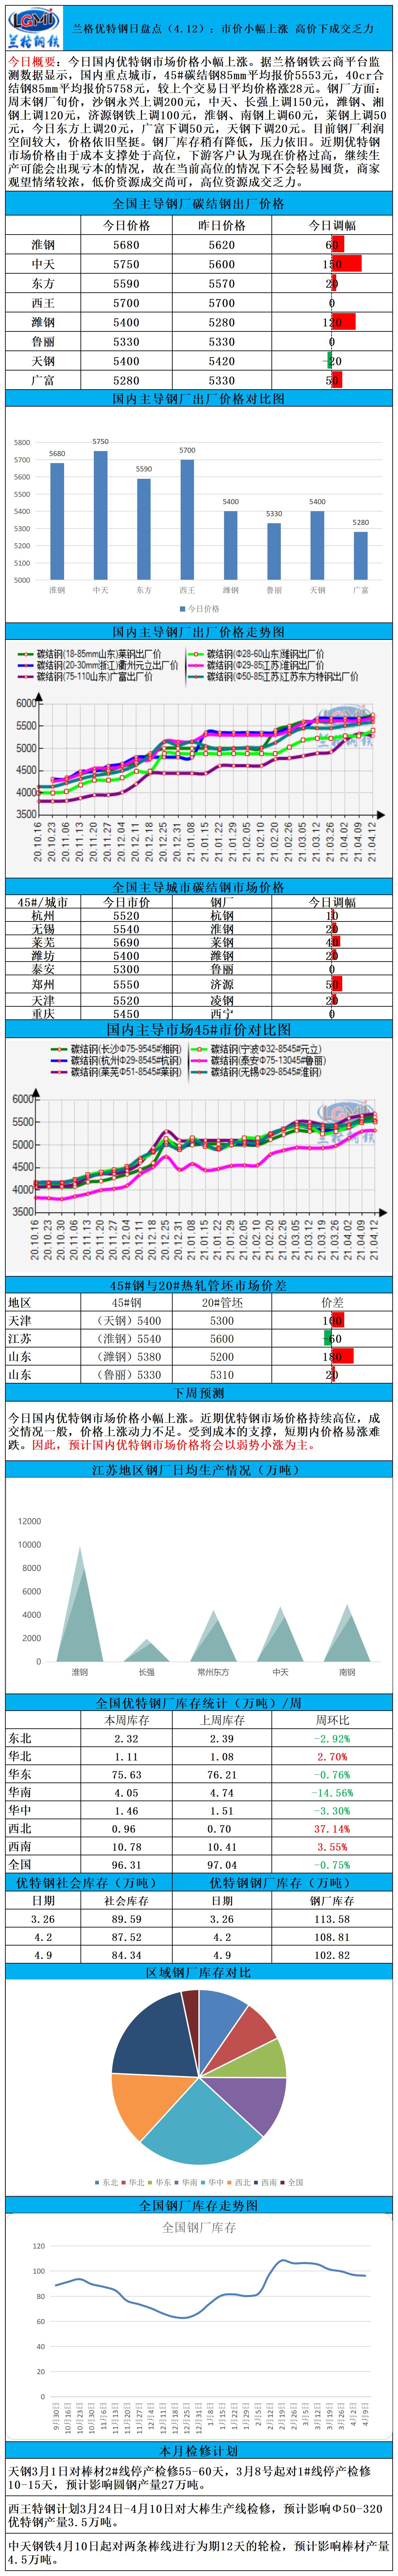 兰格优特钢日盘点(4.12):市价小幅上涨 高价下成交乏力